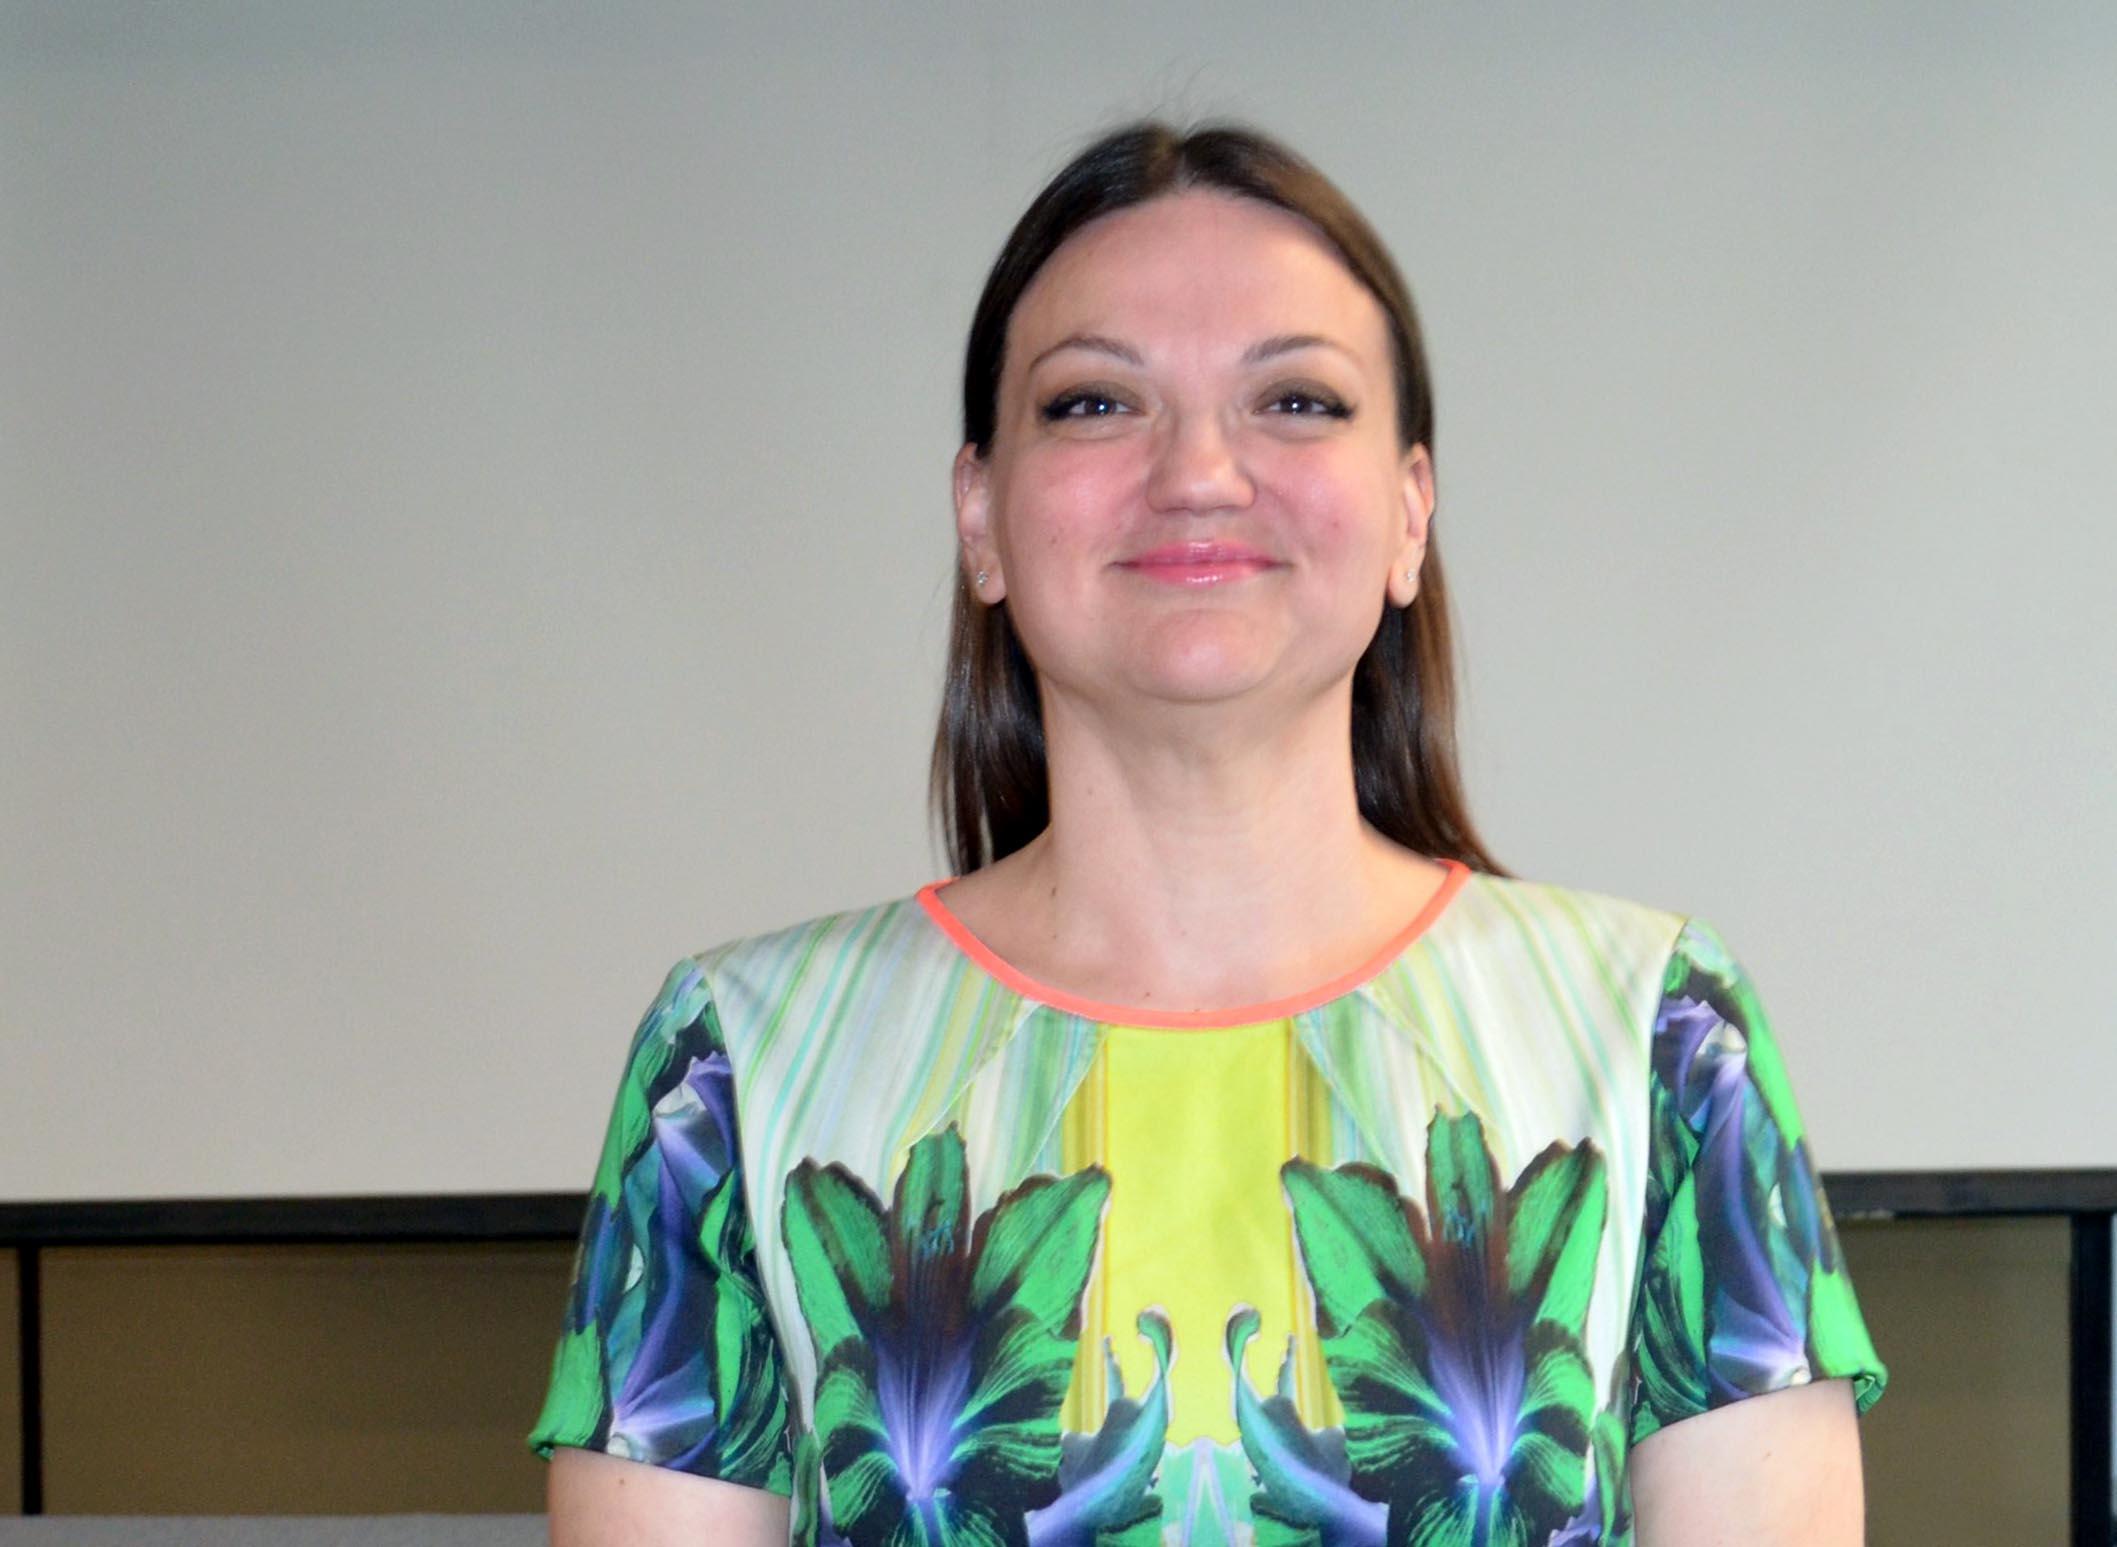 Mtra. Maria Felicitas Parga candidata a Rectora del CUCiénega